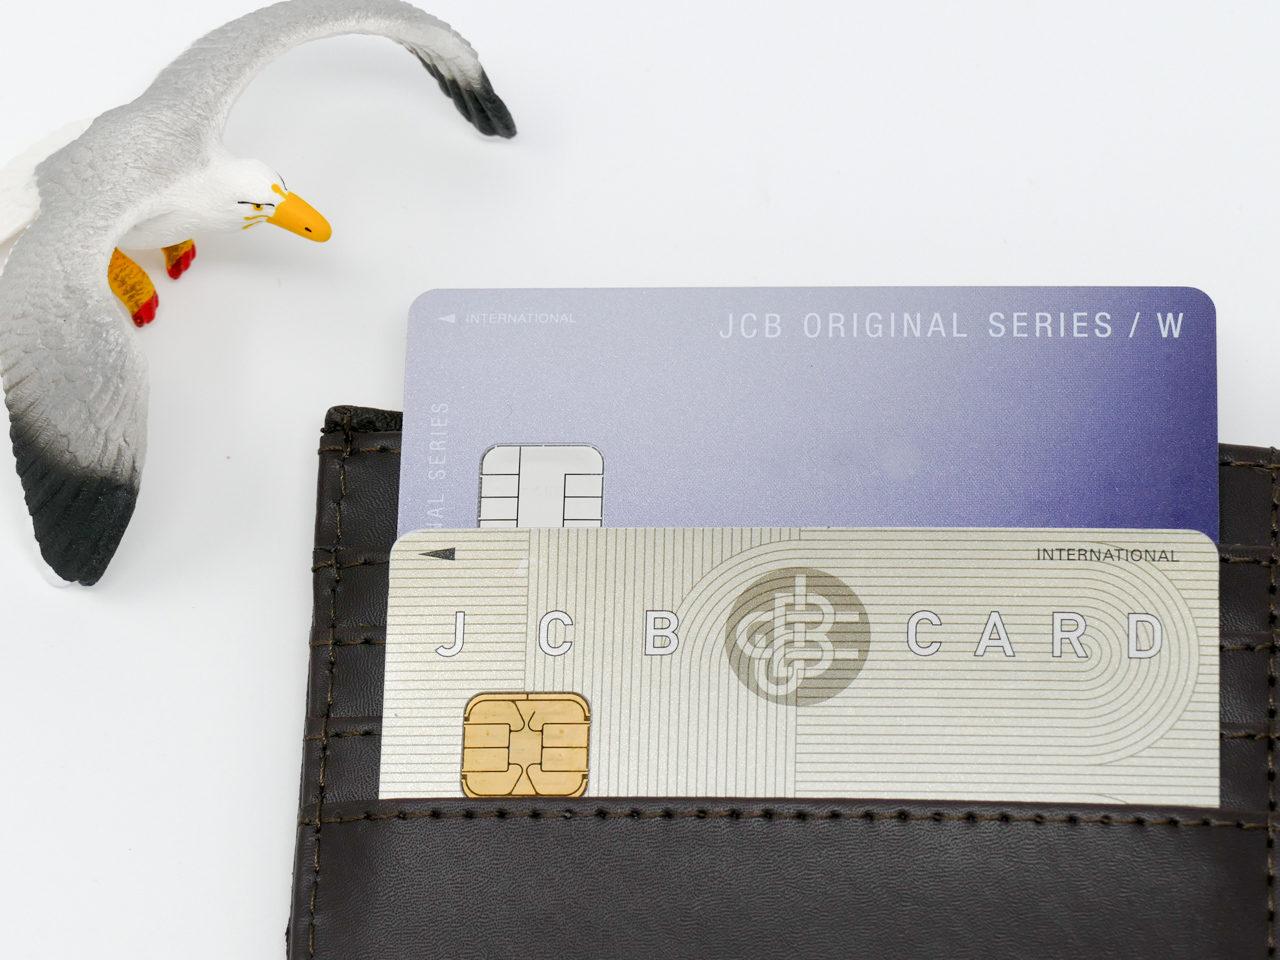 JCB CARD WとJCB一般カード